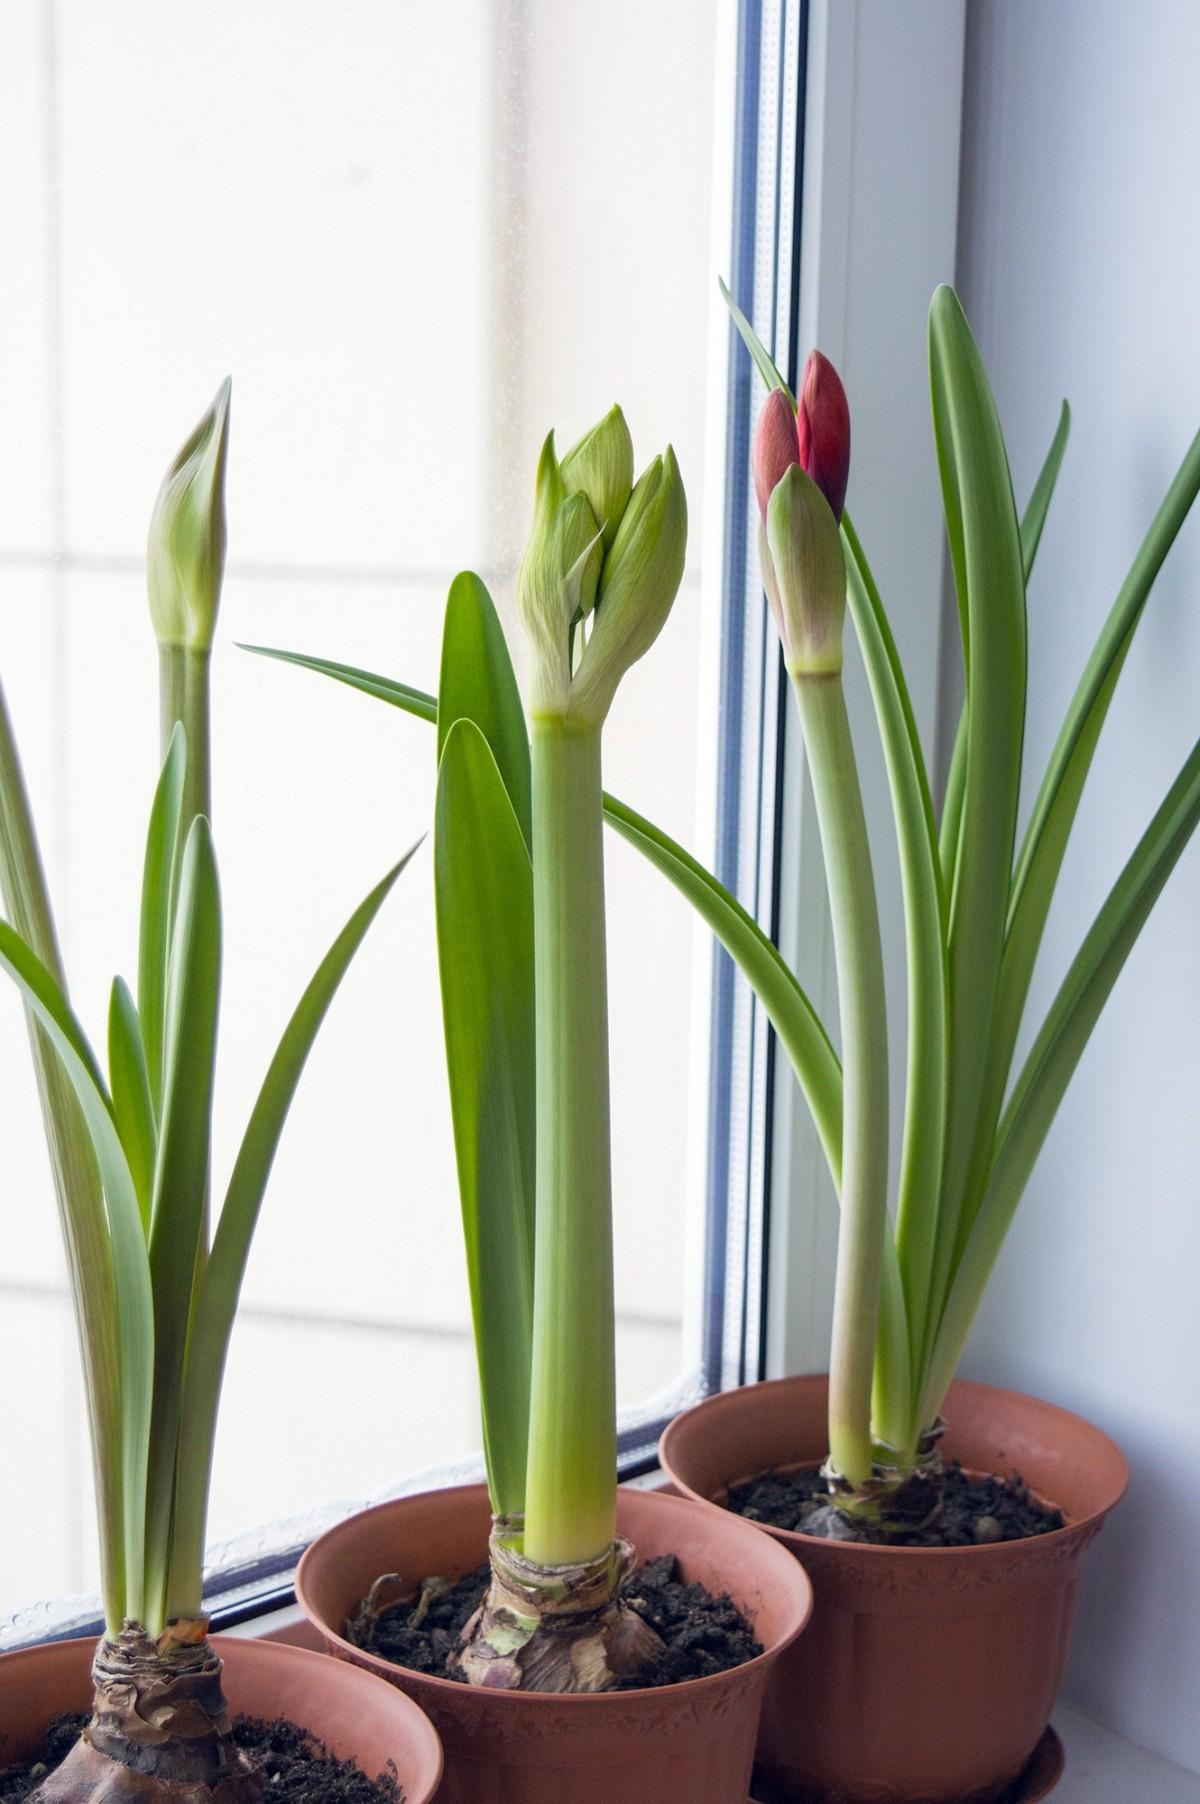 images gratuites p tale floraison collection int rieur flore plante d 39 appartement. Black Bedroom Furniture Sets. Home Design Ideas